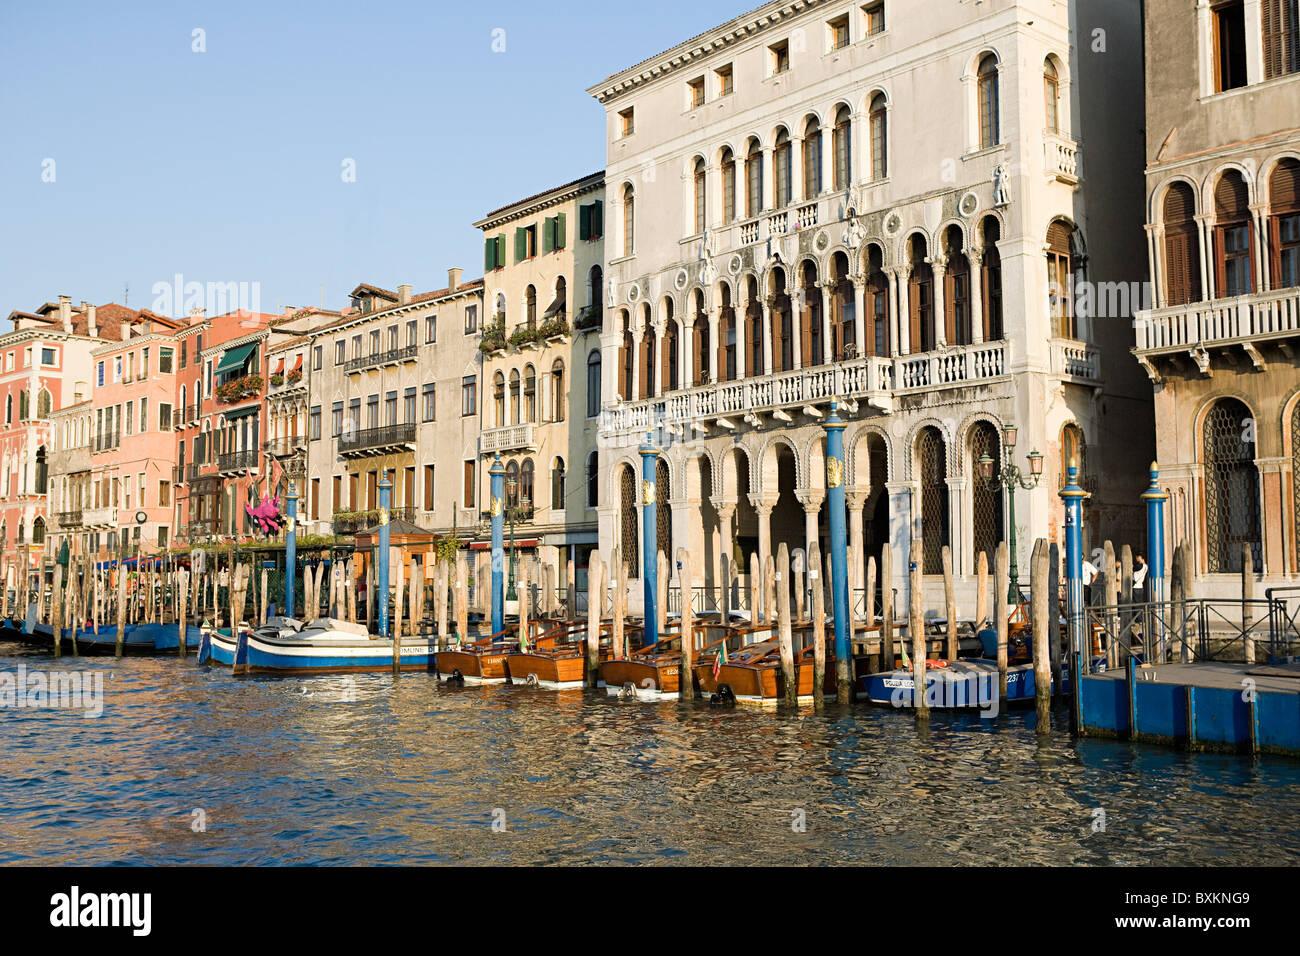 El gran canal de Venecia, Italia Imagen De Stock